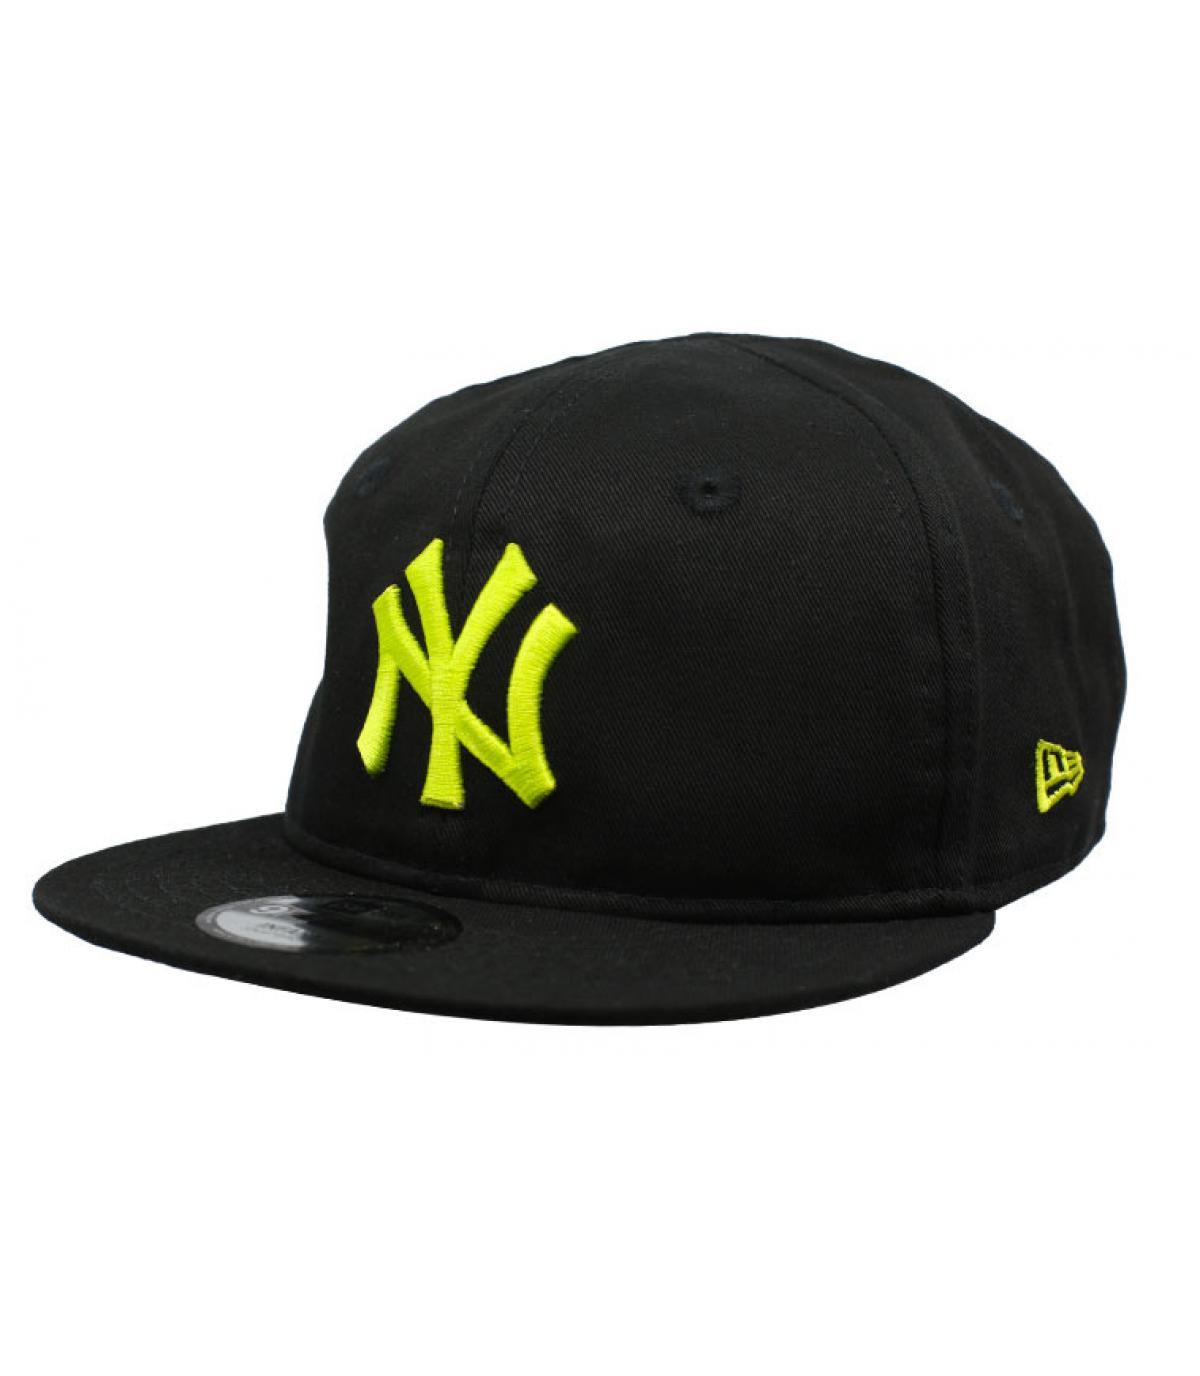 casquette bébé NY noir jaune